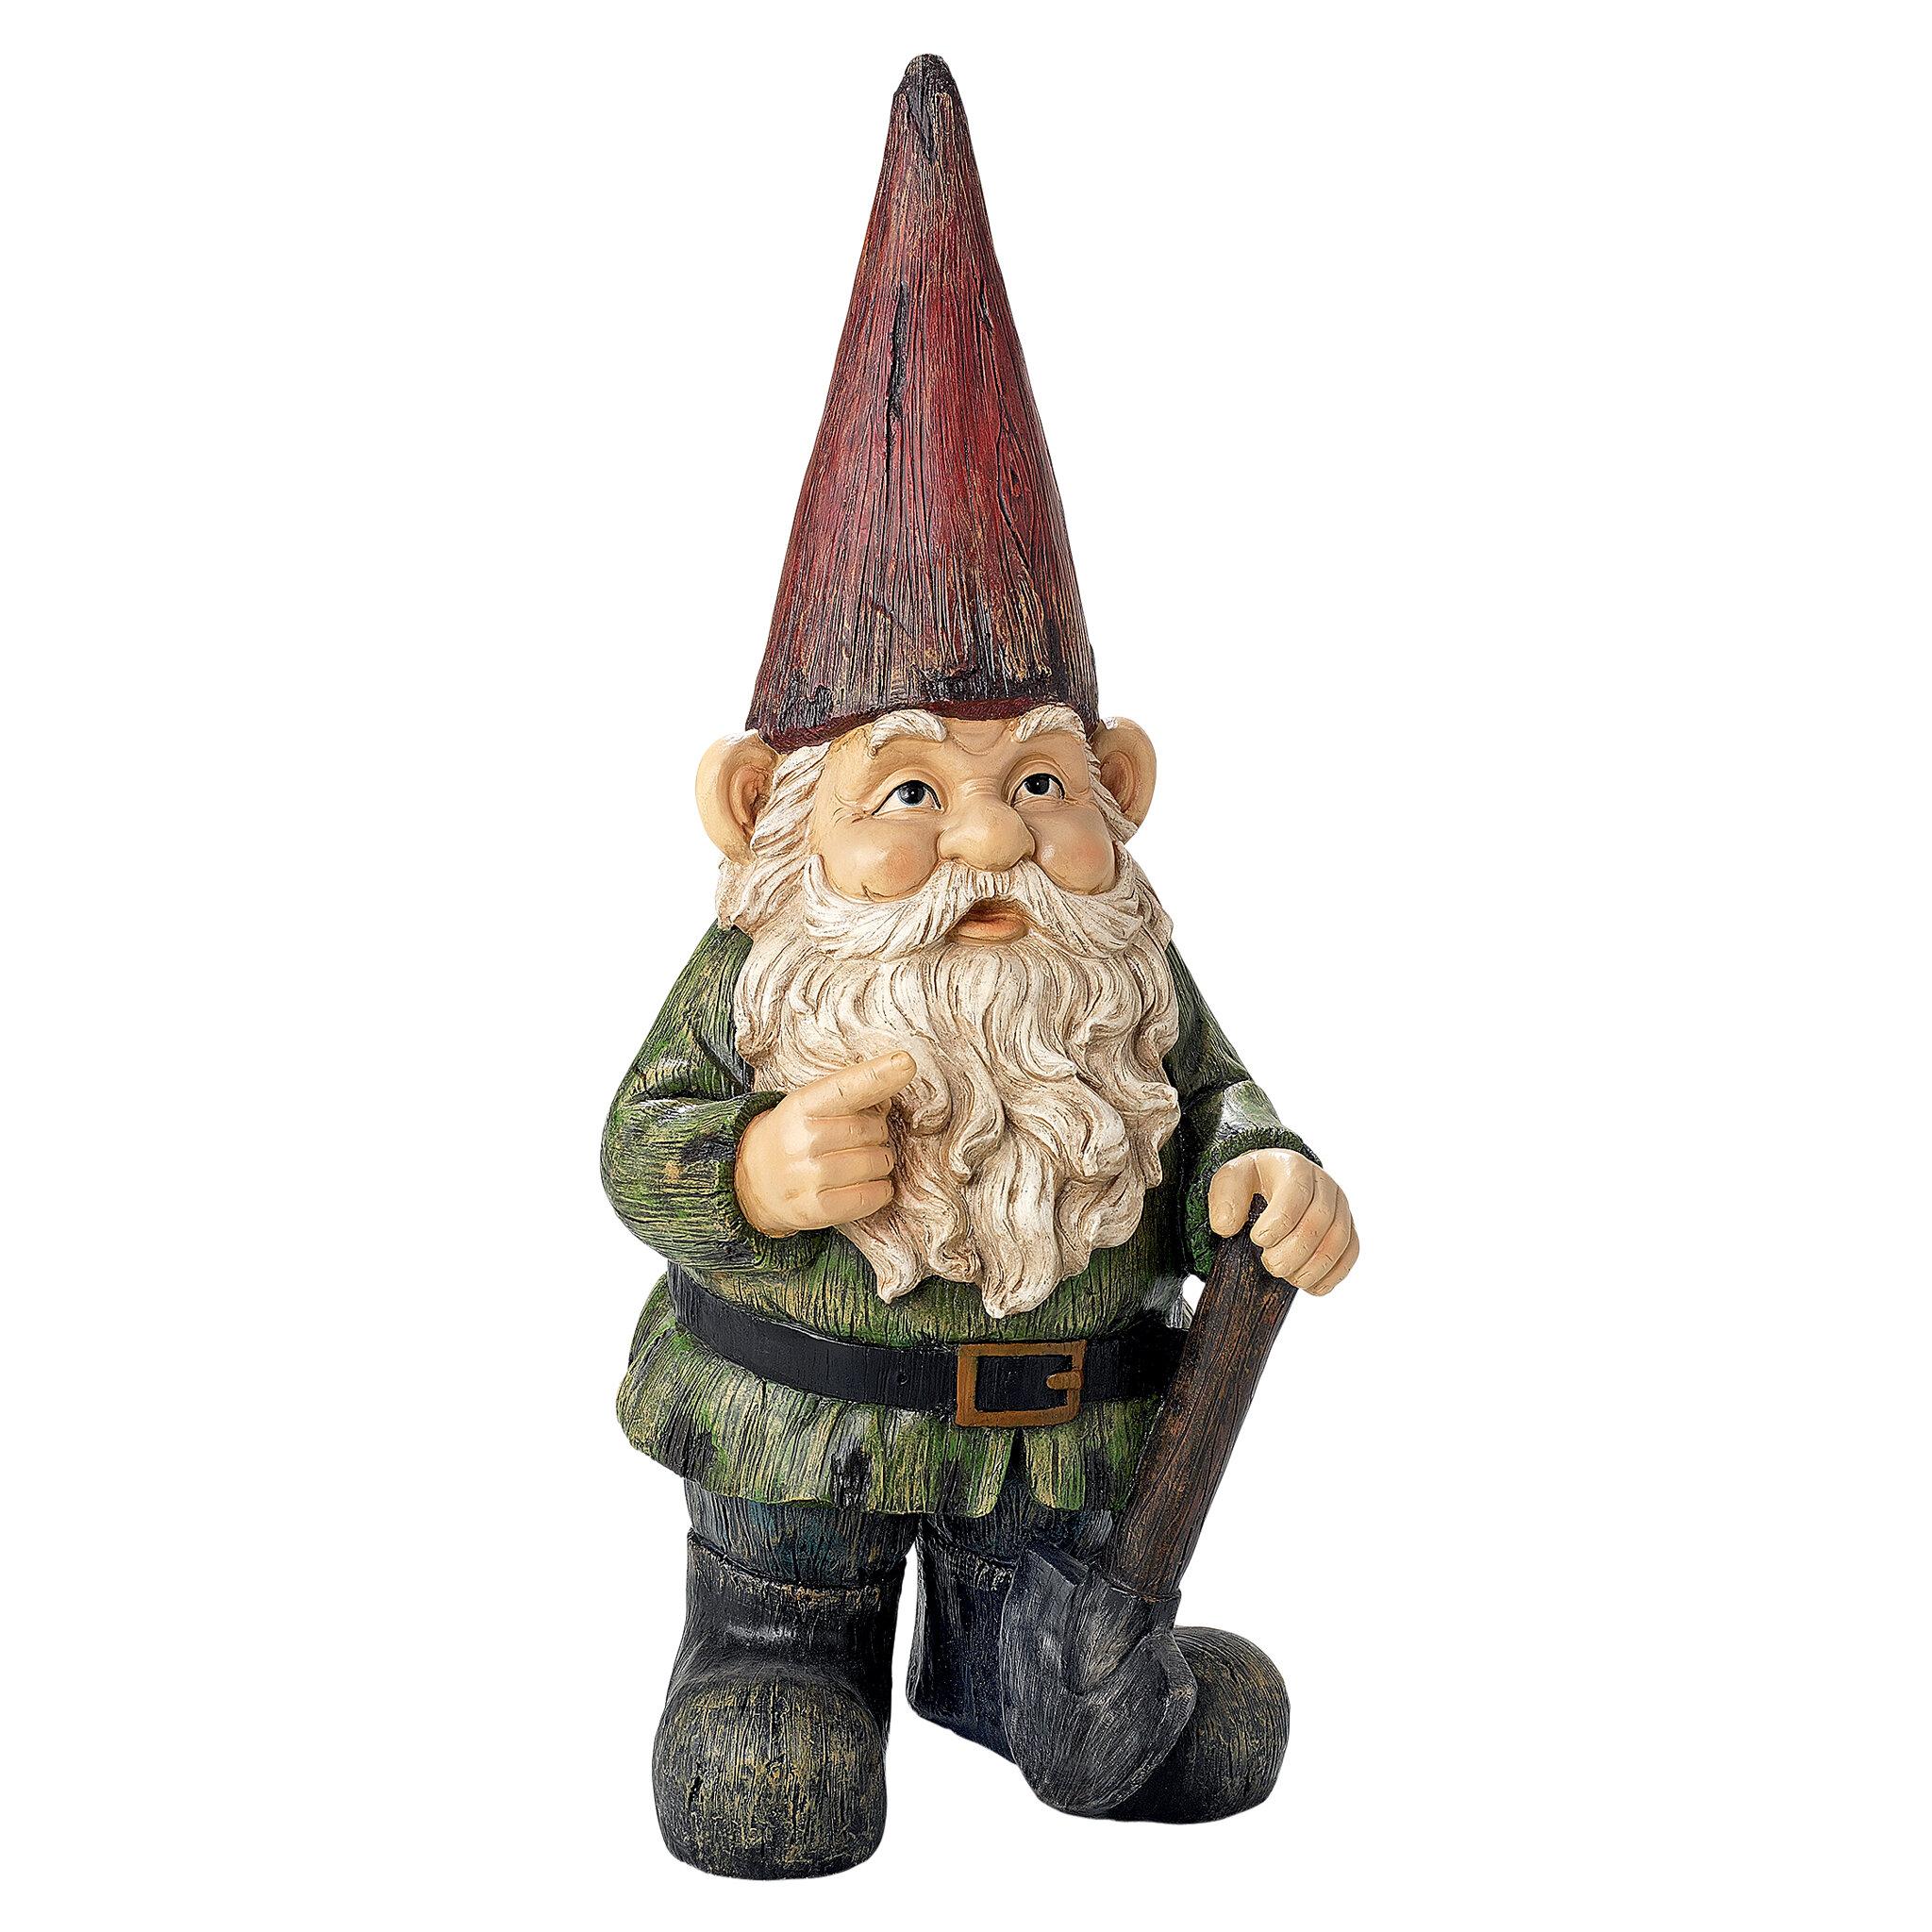 Superbe Design Toscano Gottfried, The Gigantic Garden Gnome Statue U0026 Reviews |  Wayfair